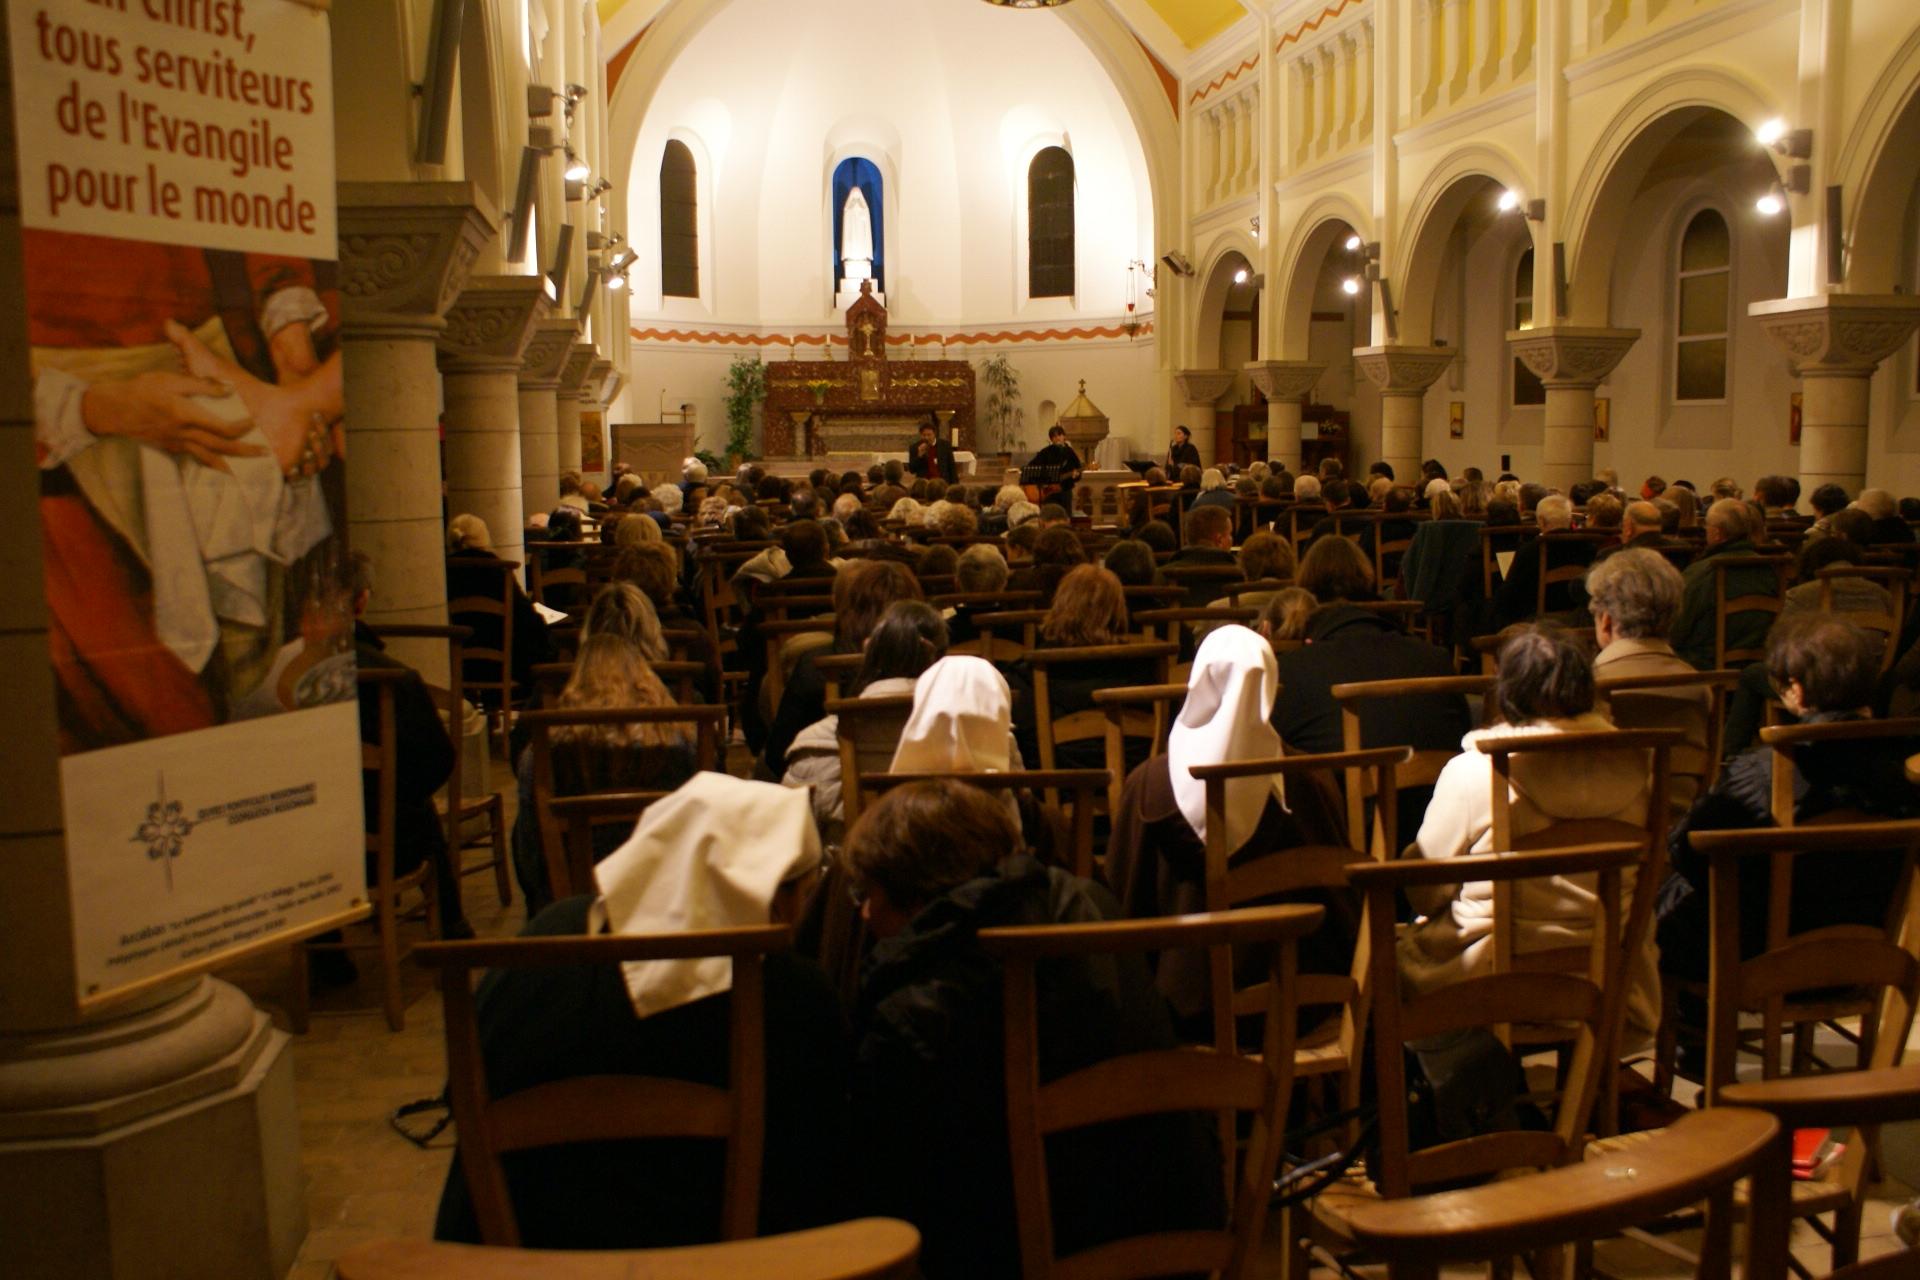 Eglise Ste Thérèse - témoignage de T.Fourchaud - Tous serviteurs ...